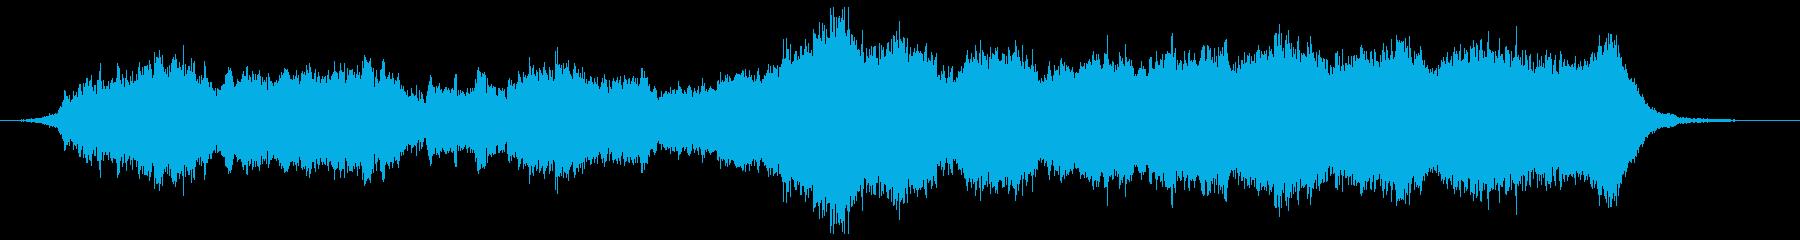 エピックなオーケストラ 分割06の再生済みの波形